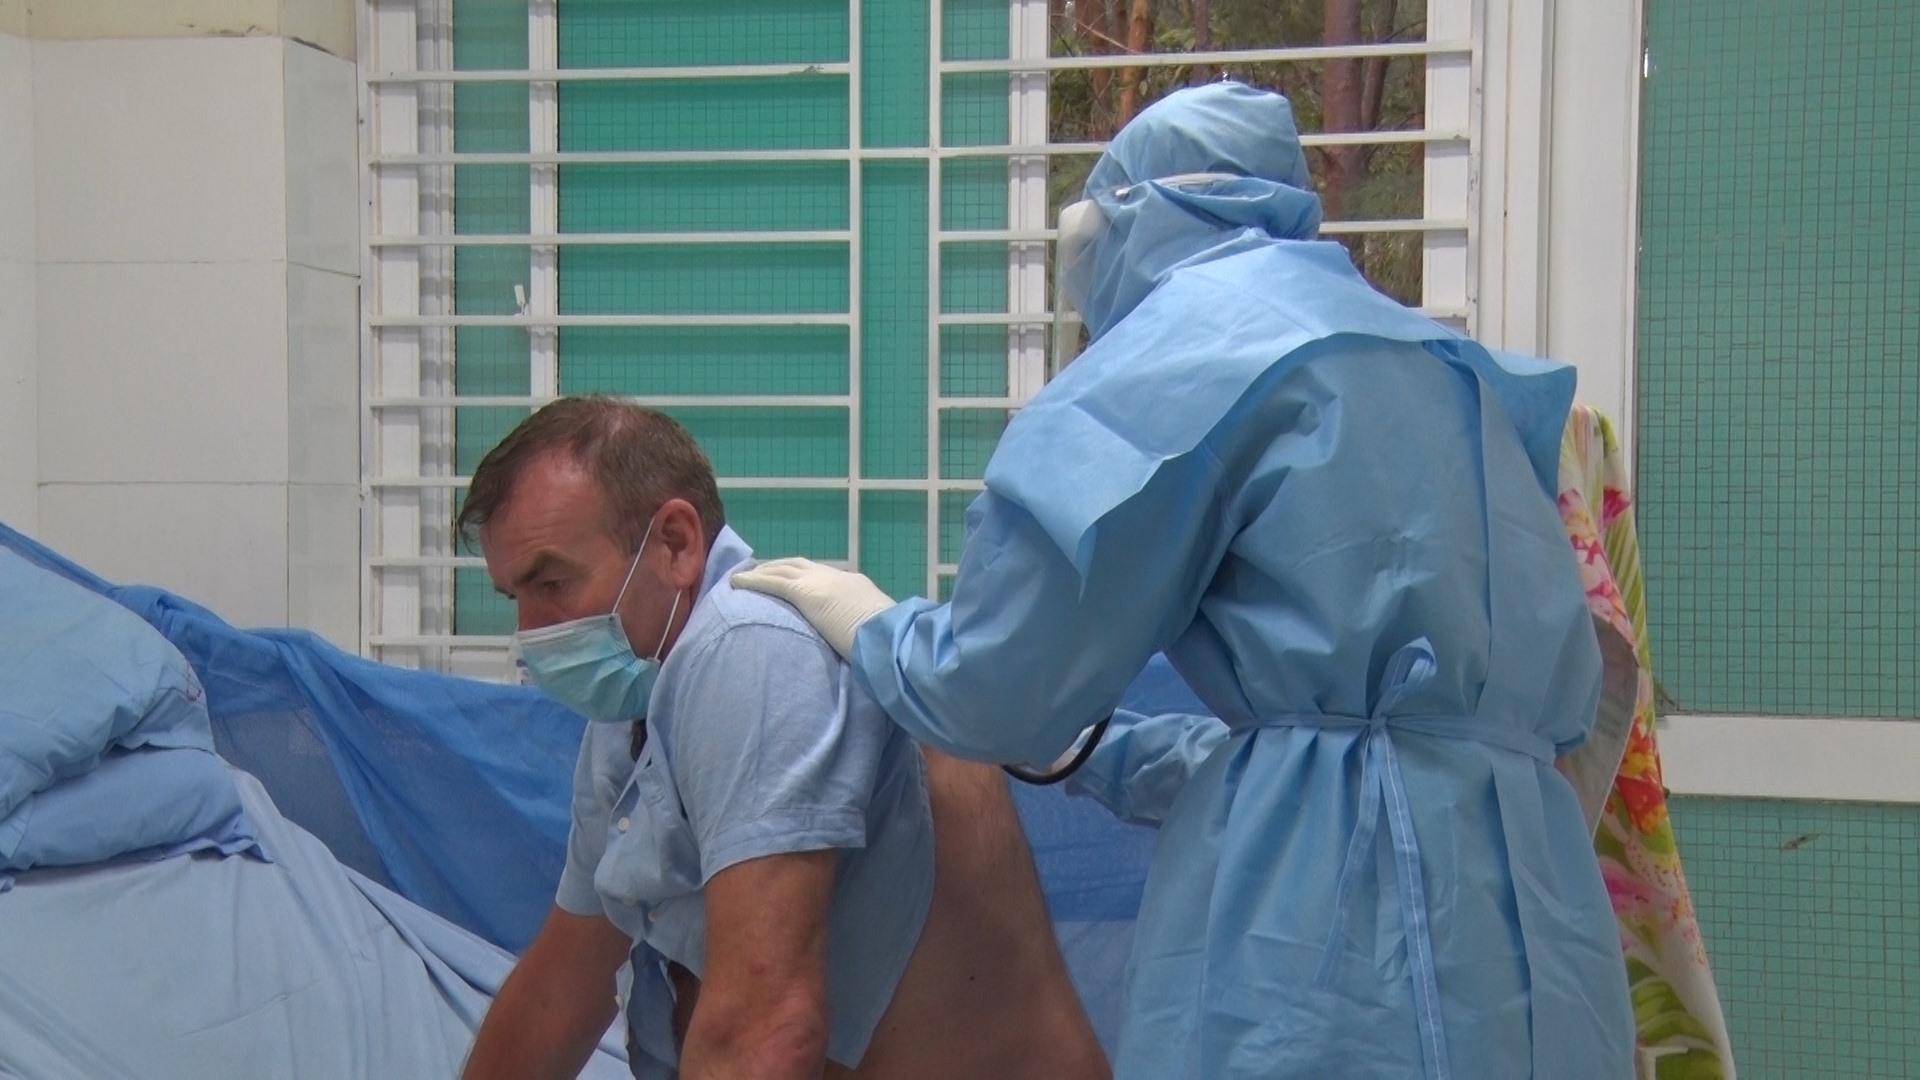 Kể từ ngày 1.8, Bệnh viện Đa khoa Trung ương Quảng Nam sẽ tiếp nhận, điều trị các ca bệnh dương tính với SARS-CoV-2 cho Quảng Nam và các tỉnh lân cận. Ảnh: ĐOÀN ĐẠO